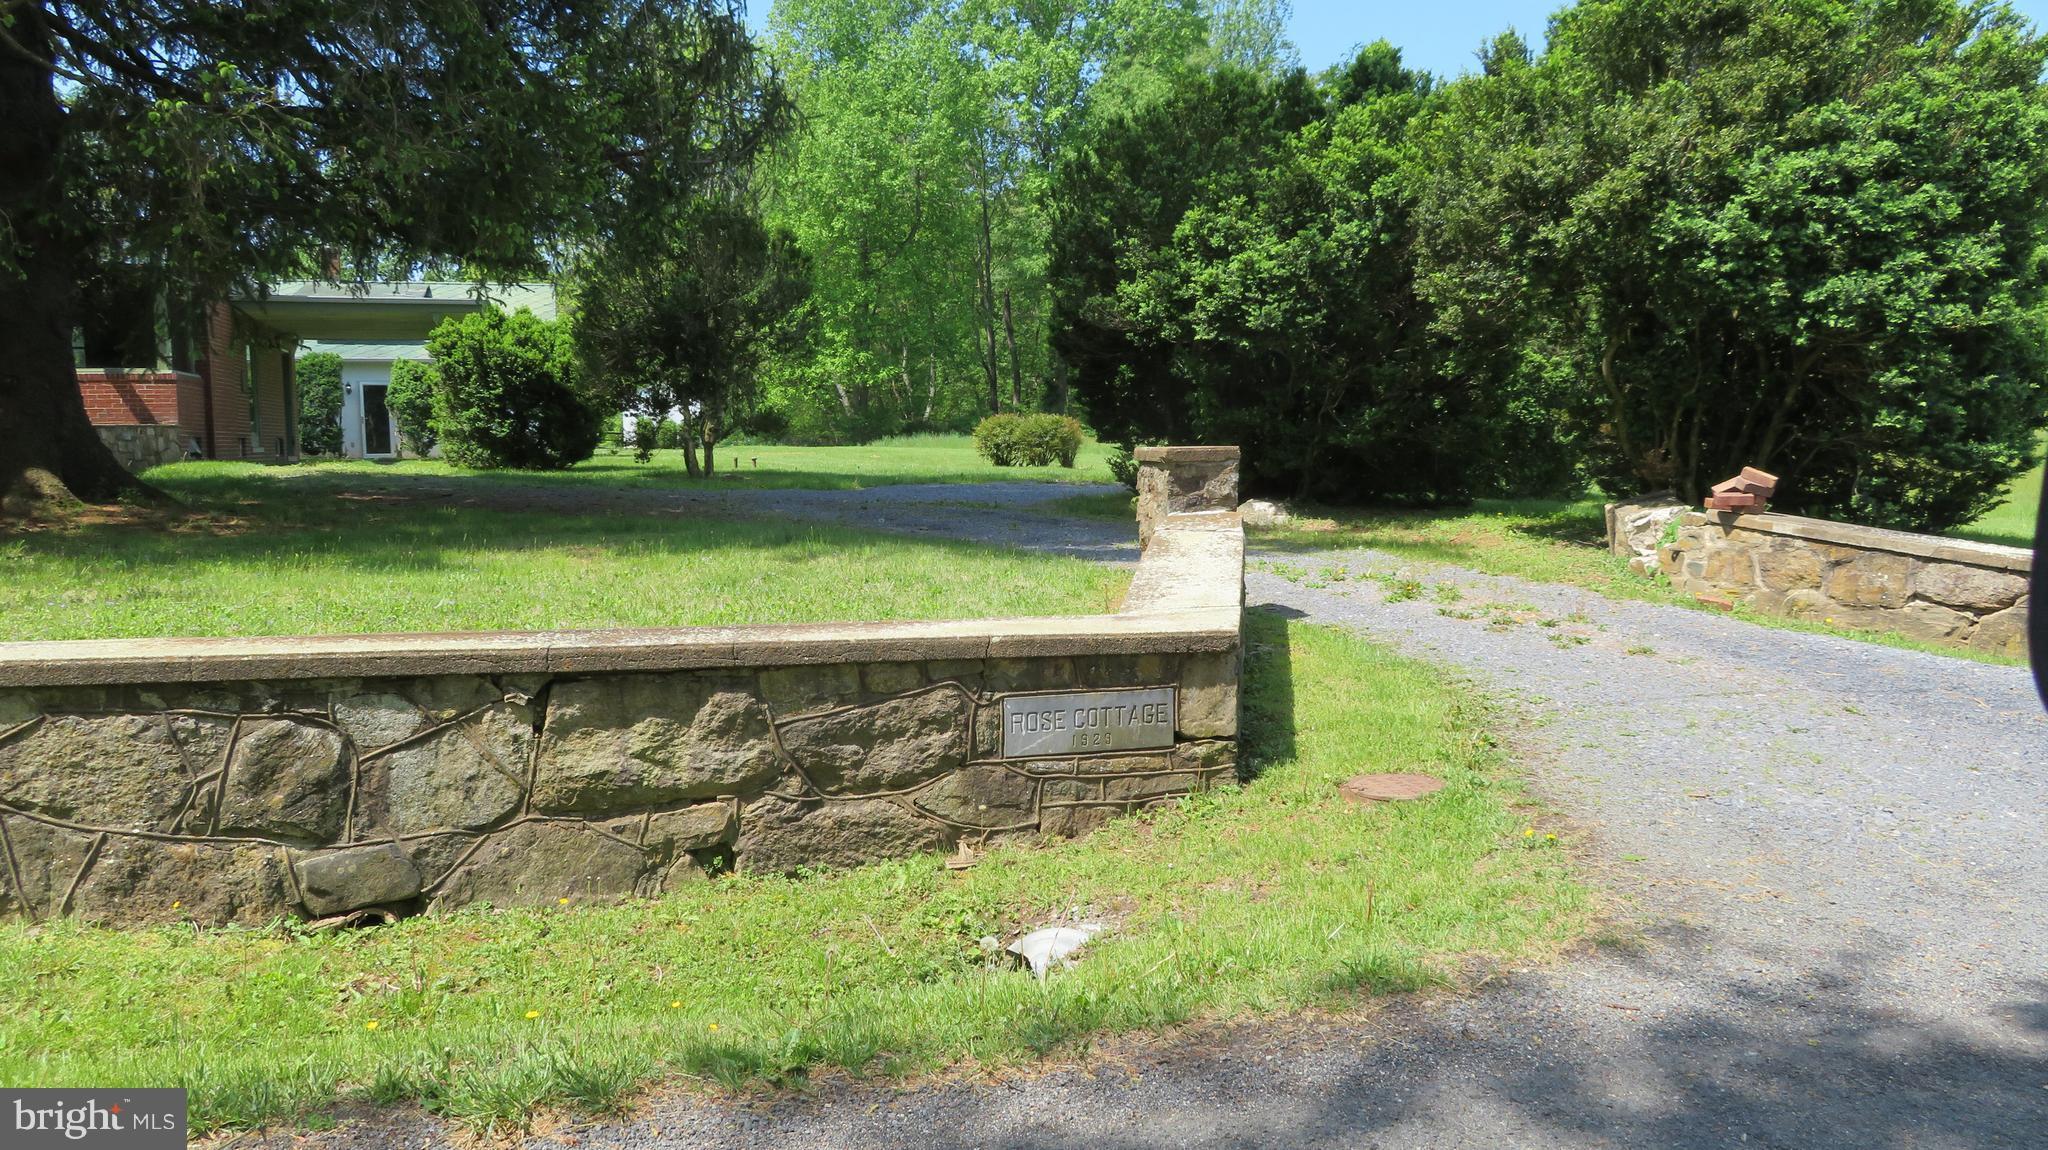 41 HARRIS HOLLOW ROAD, WASHINGTON, VA 22747